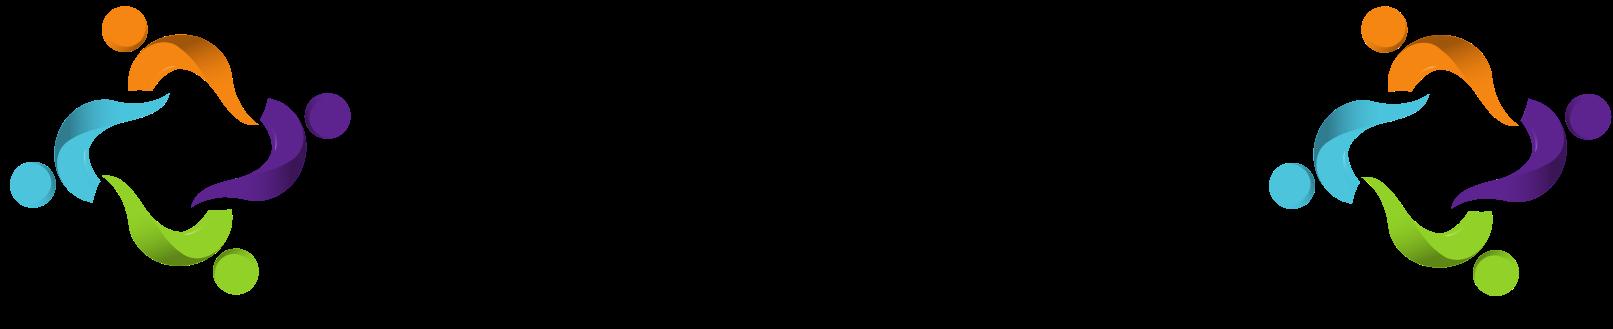 metabolismodeldolor.com